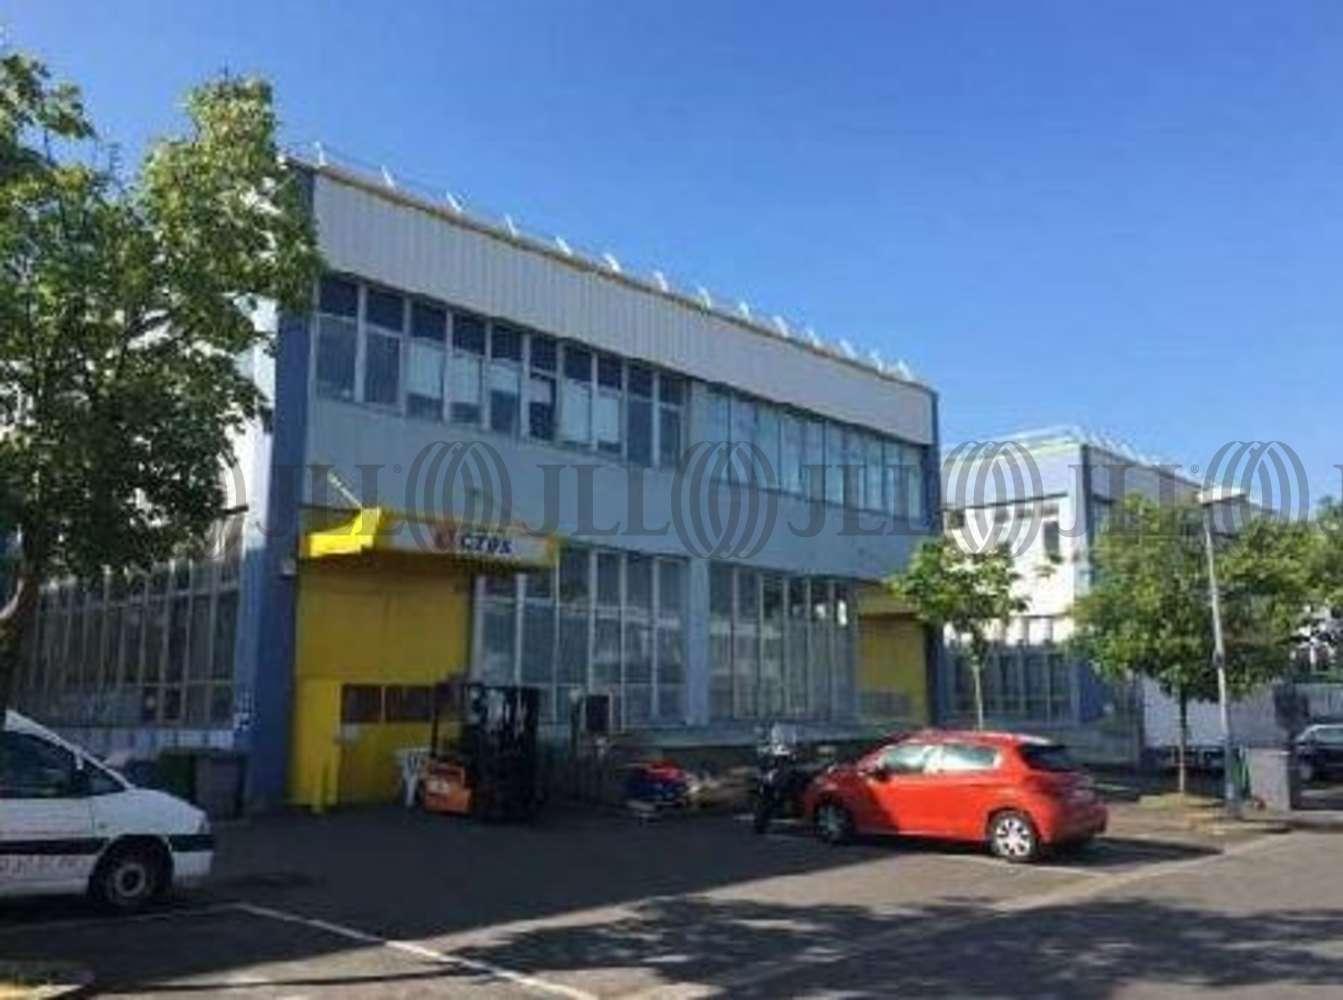 Activités/entrepôt Paris, 75018 - CAP 18 - 9641341